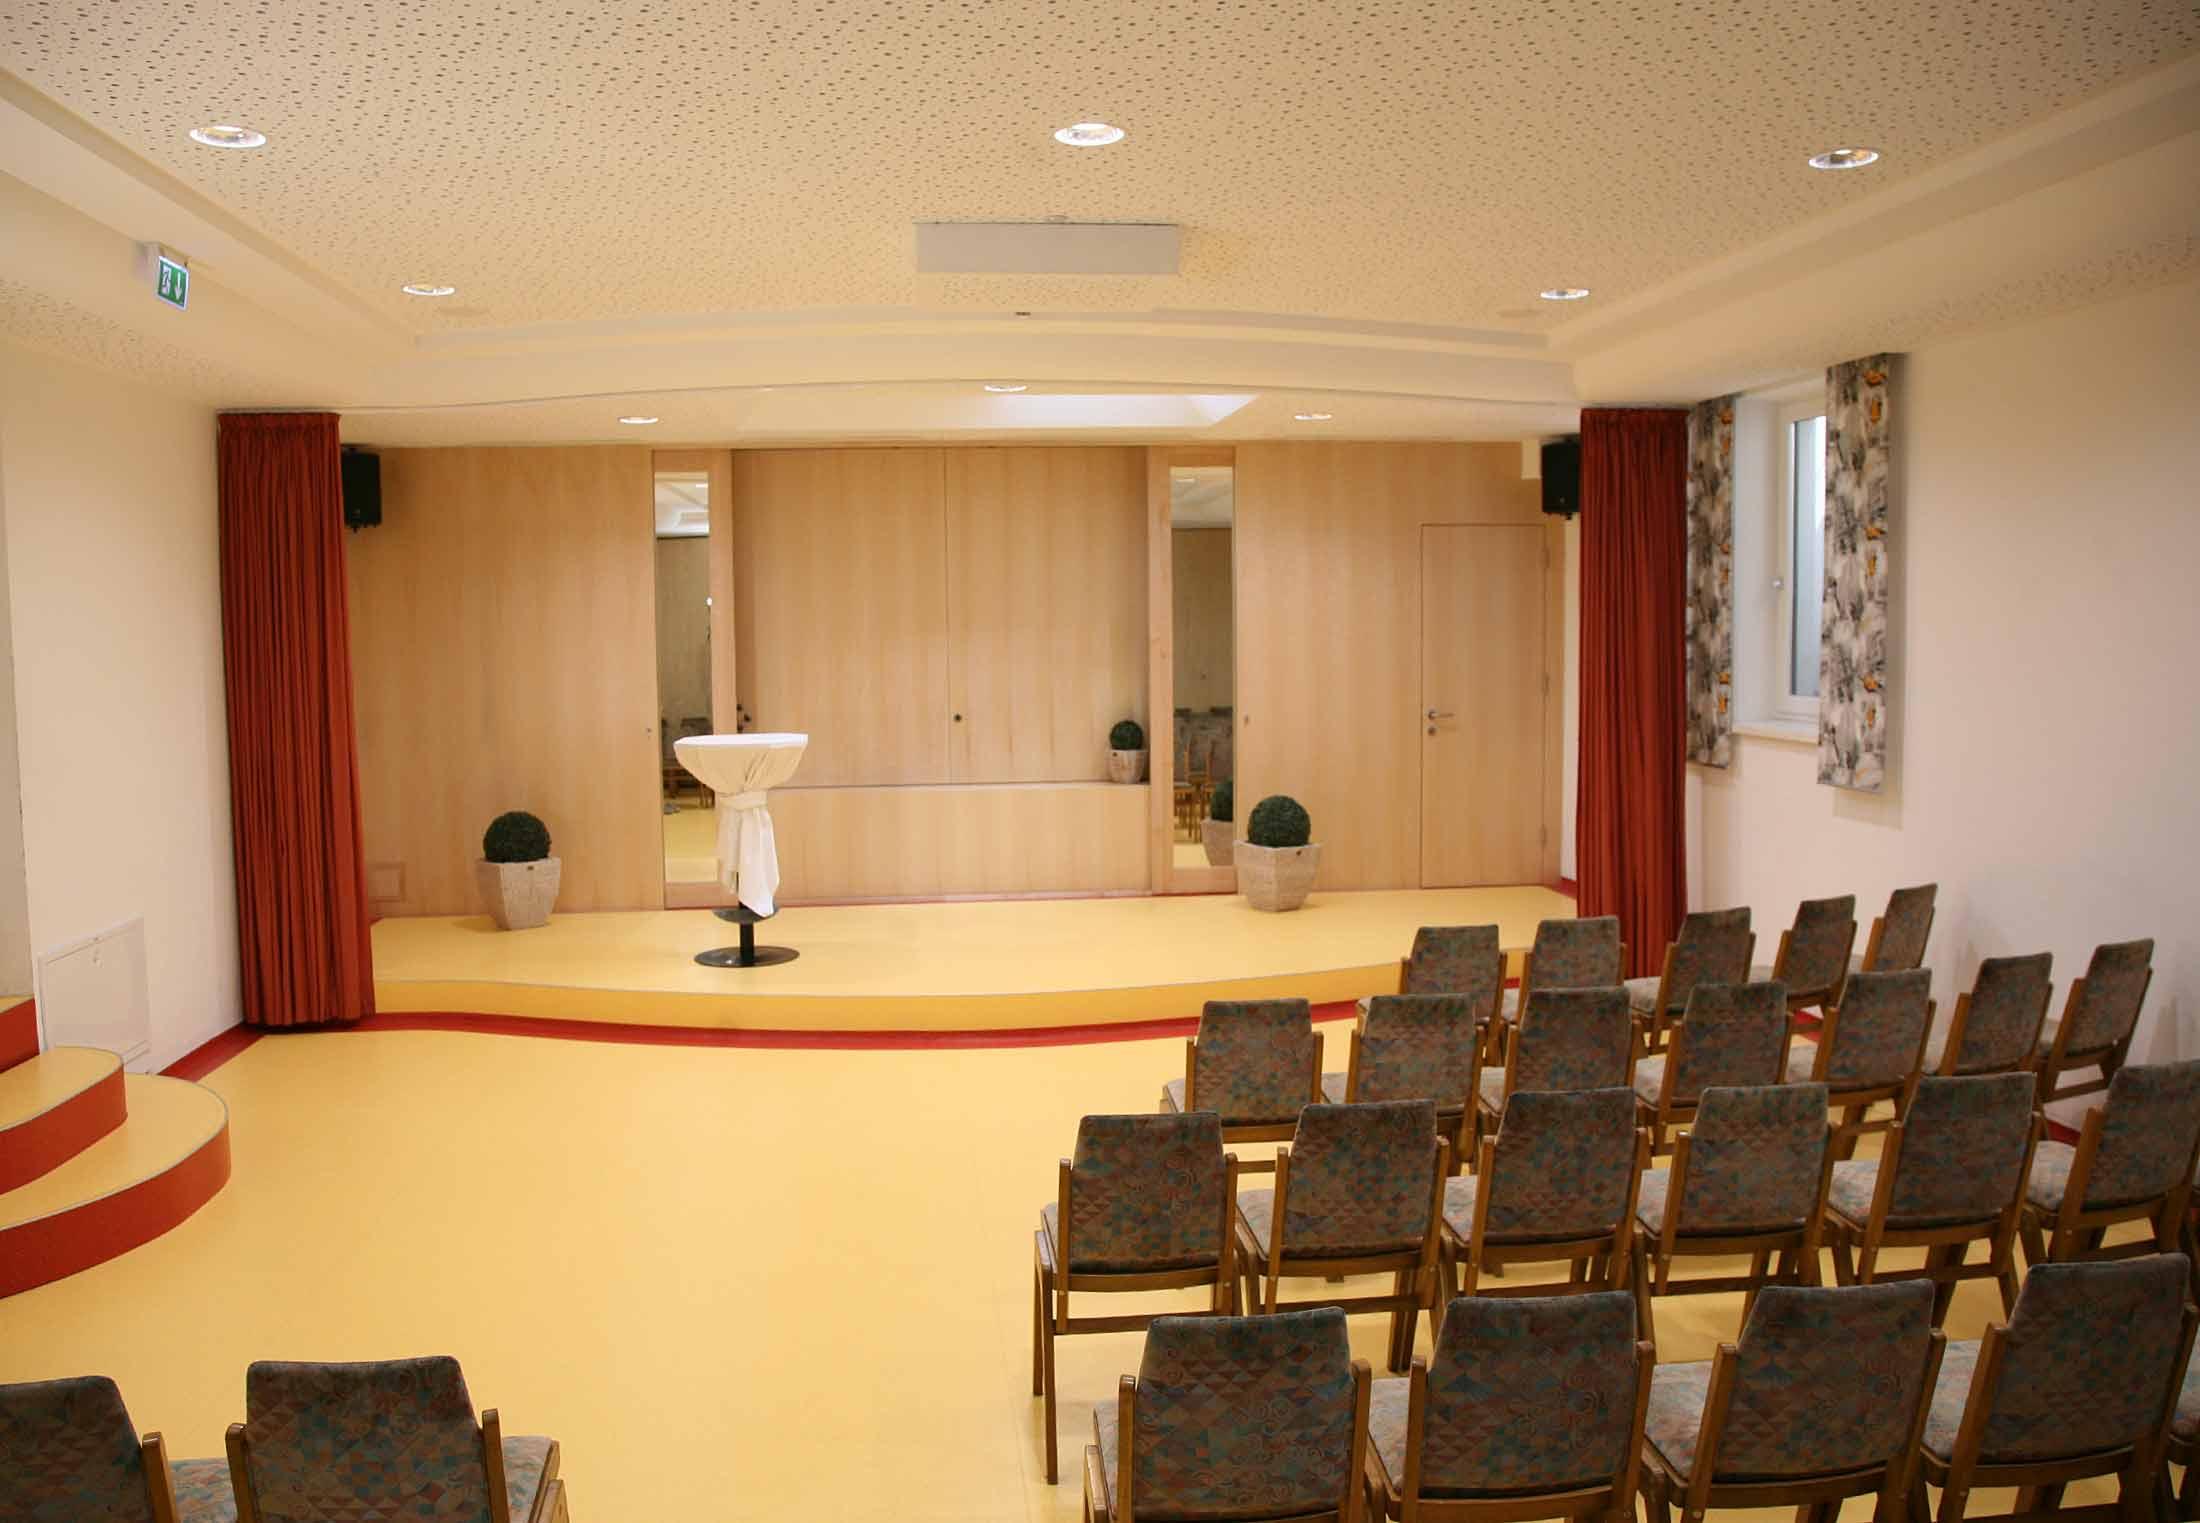 Kino- und Theaterraum mit Beamer, Leinwand und Xbox. Bestuhlung vorhanden